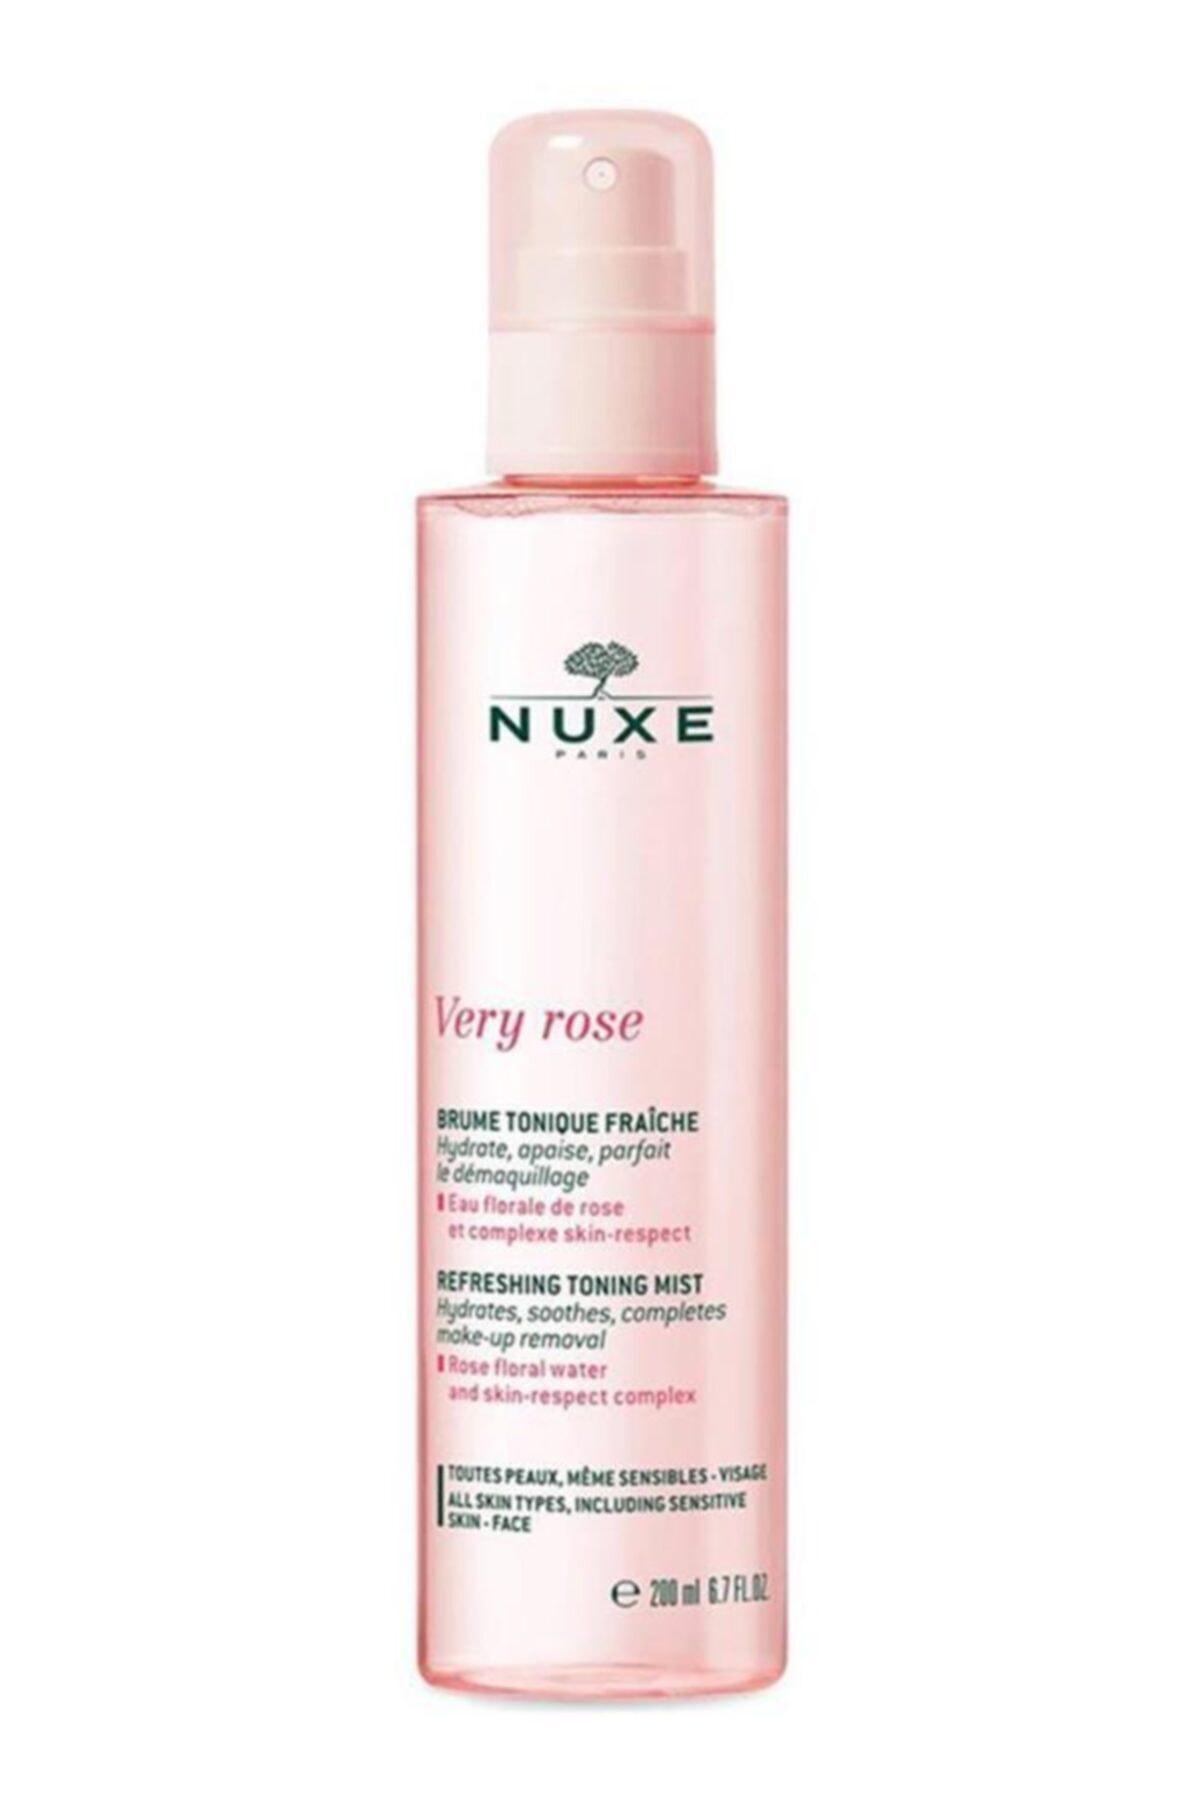 Nuxe Very Rose Refreshing Toning Mist Tonik 200 ml 1